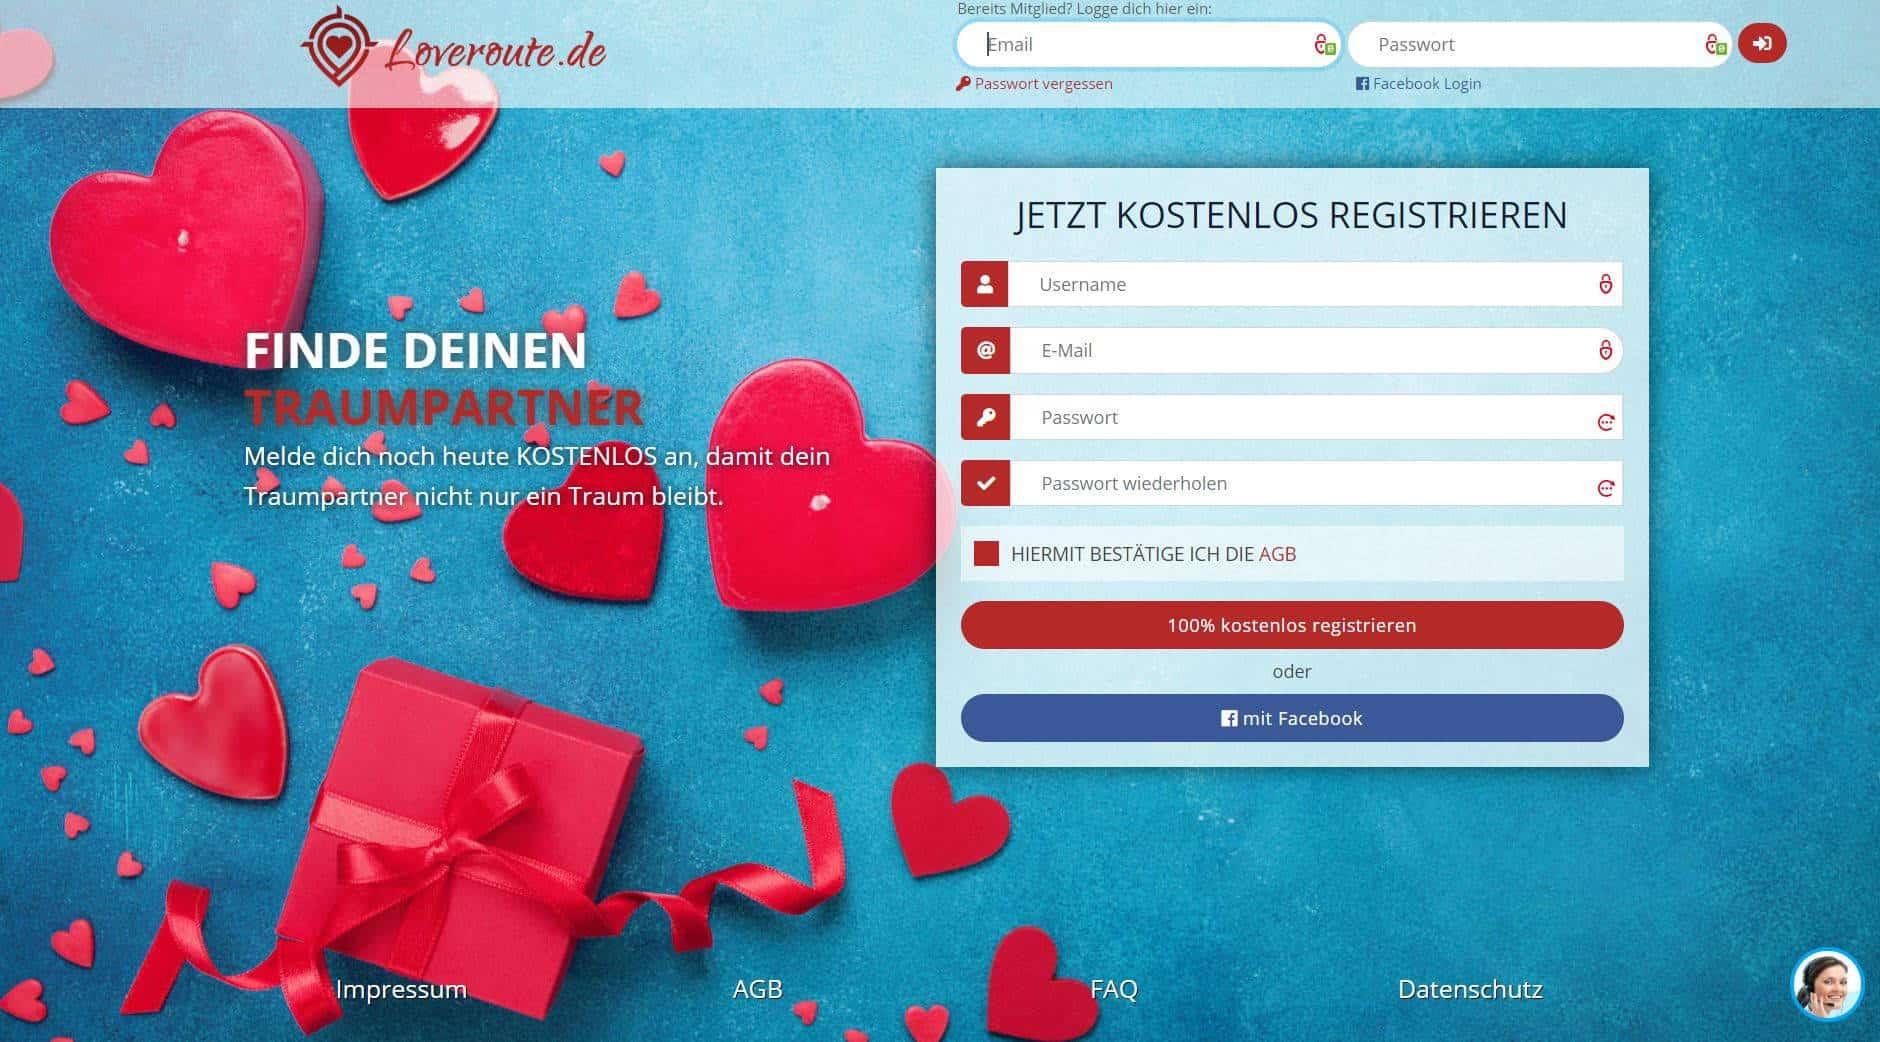 Testbericht: LoveRoute.de Abzocke